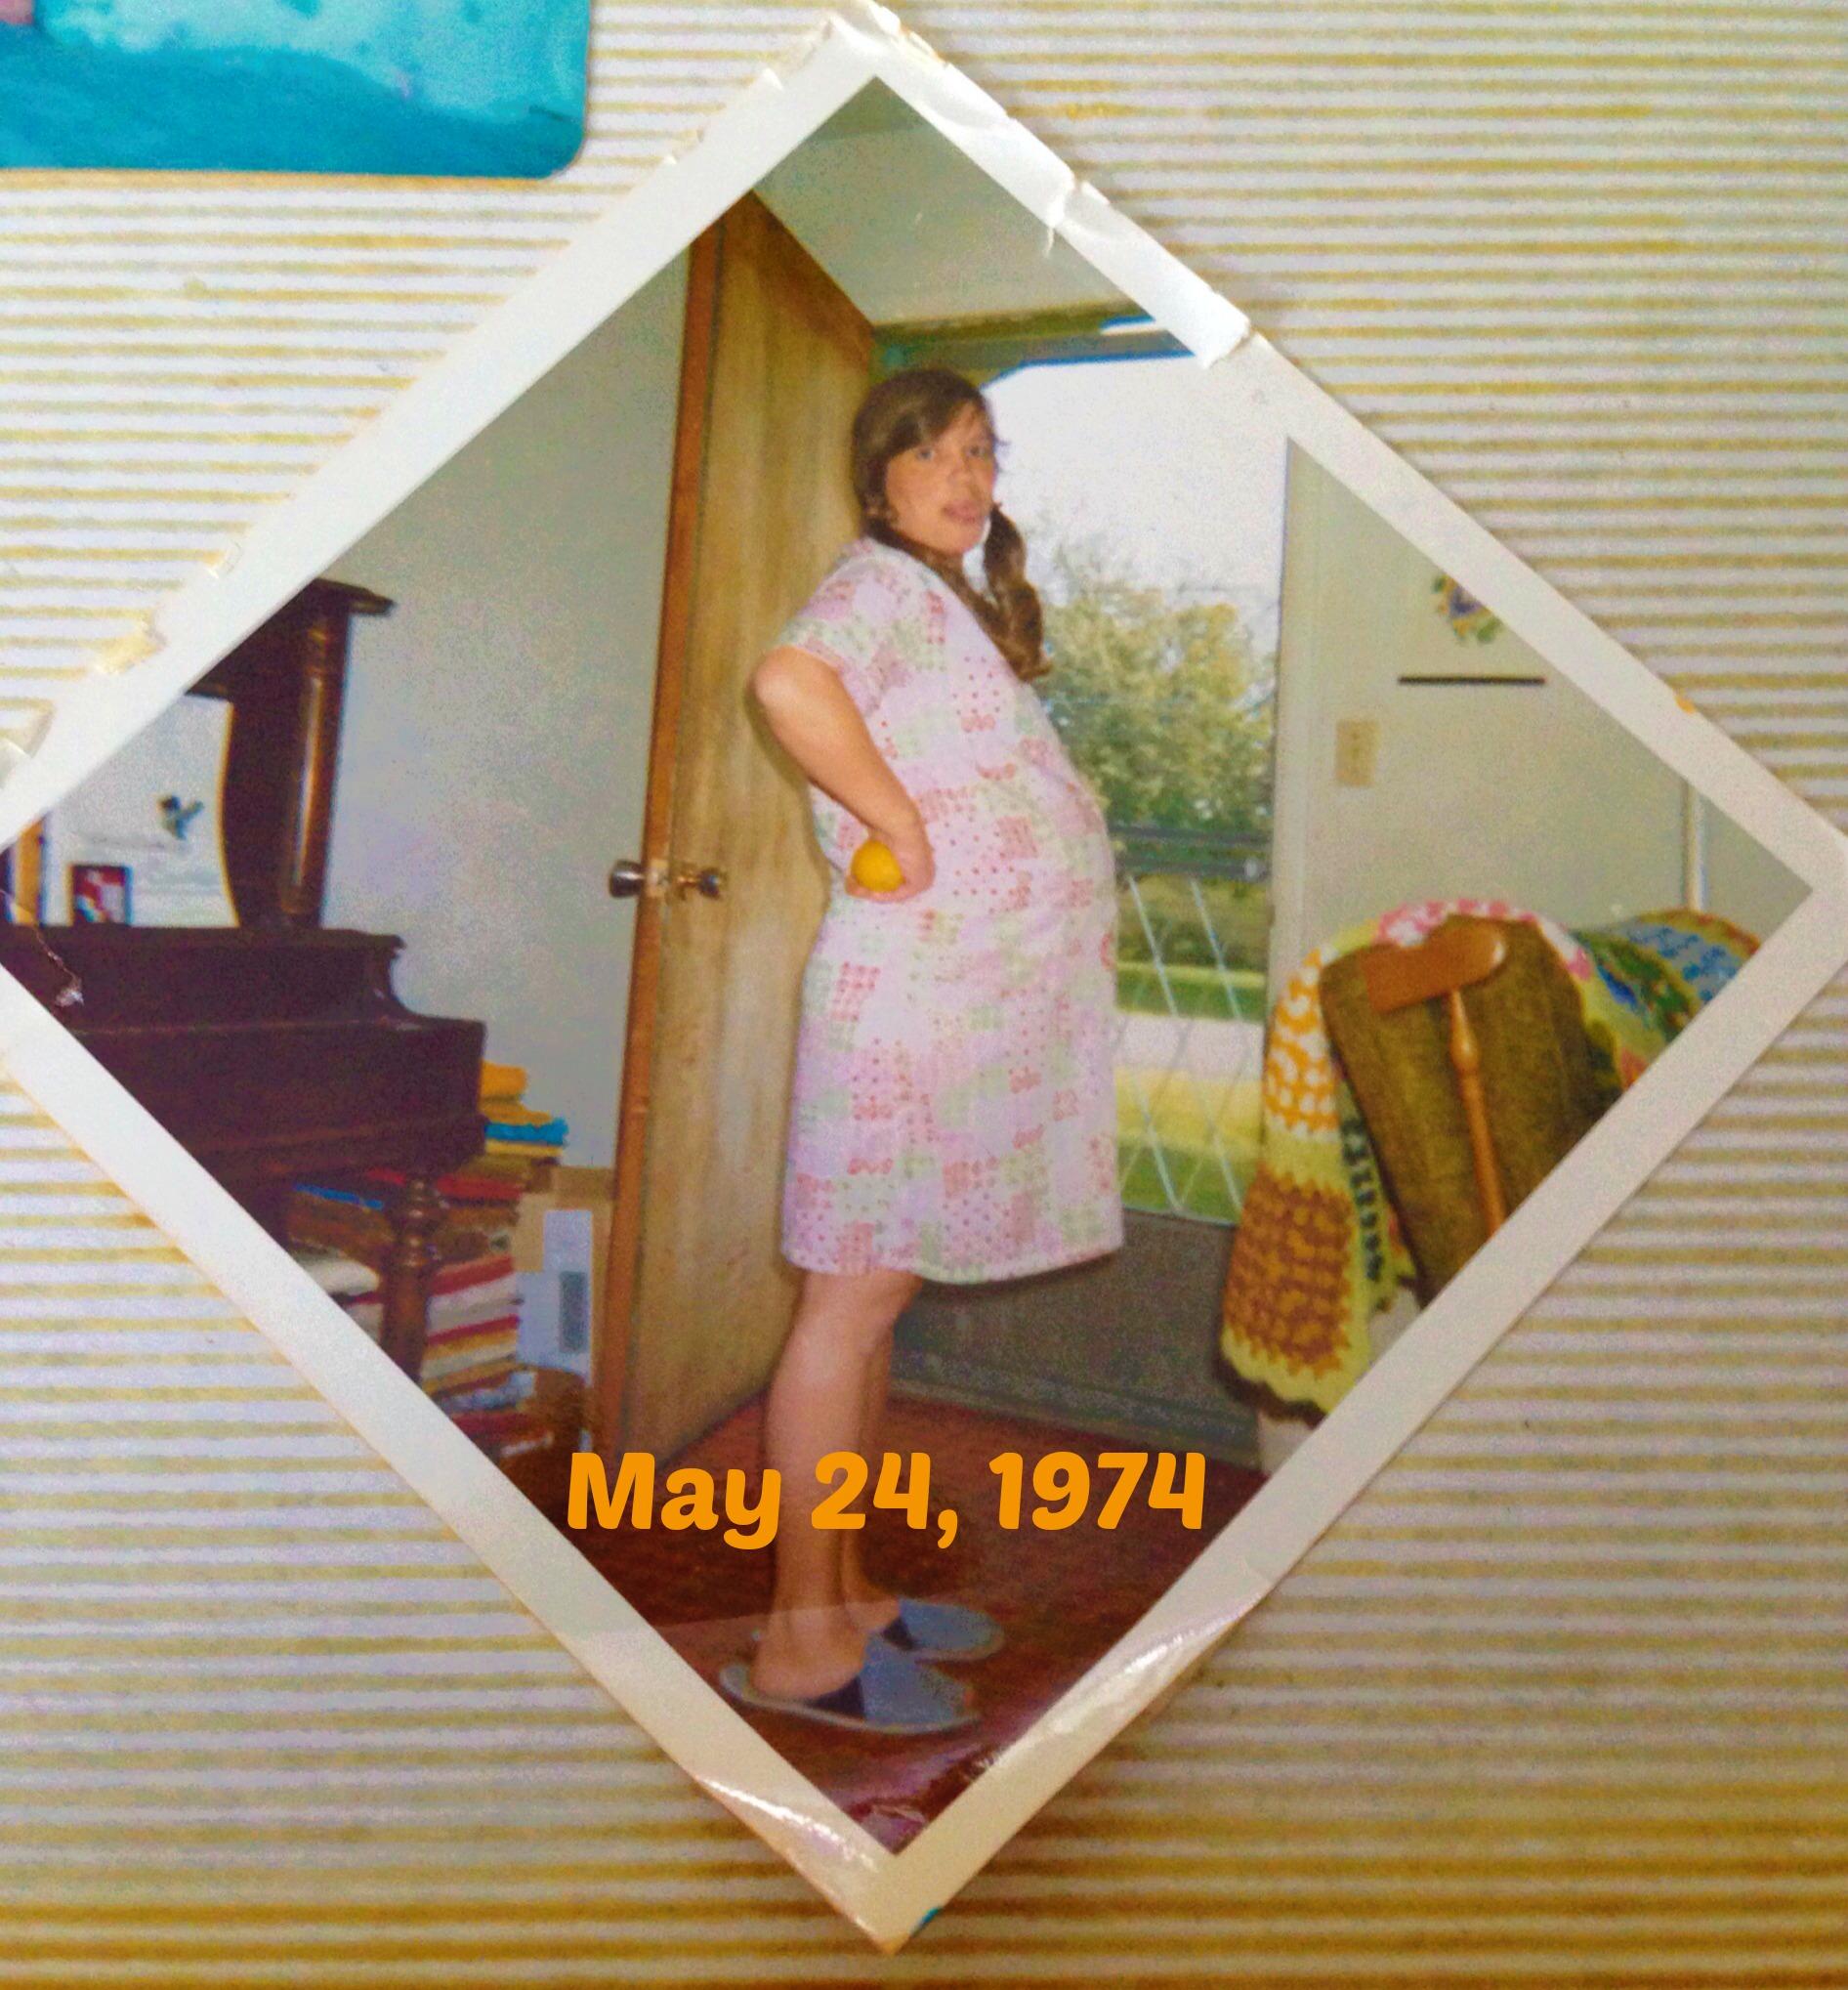 May 24-1974